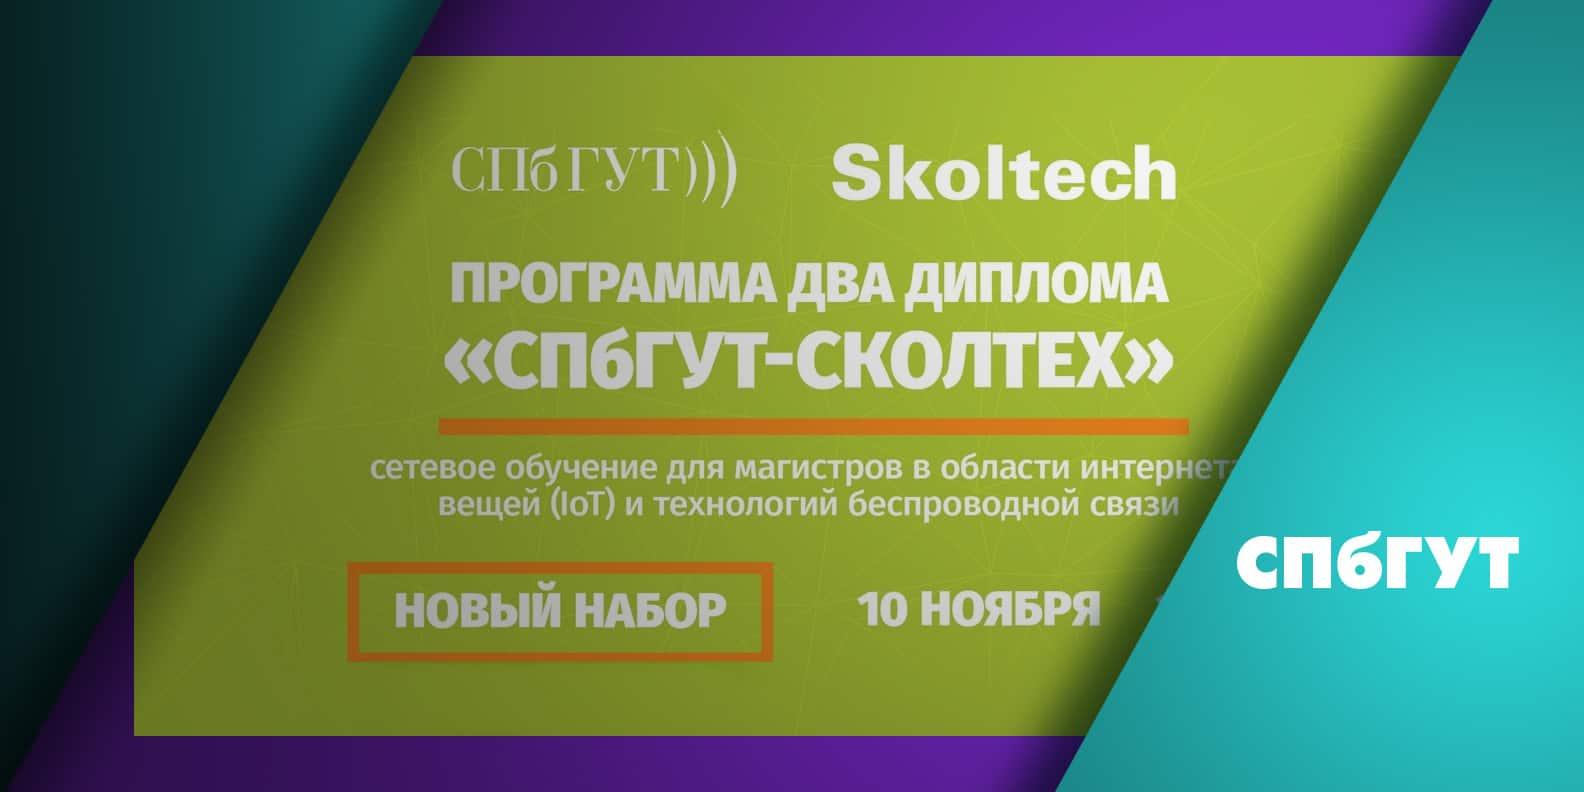 10 ноября 2020 года СПбГУТ и Сколтех в дополнение к магистерским программам, уже ведущимся в институте, представили сетевой тренинг для магистров в области технологий интернета вещей (IoT) и беспроводной связи…